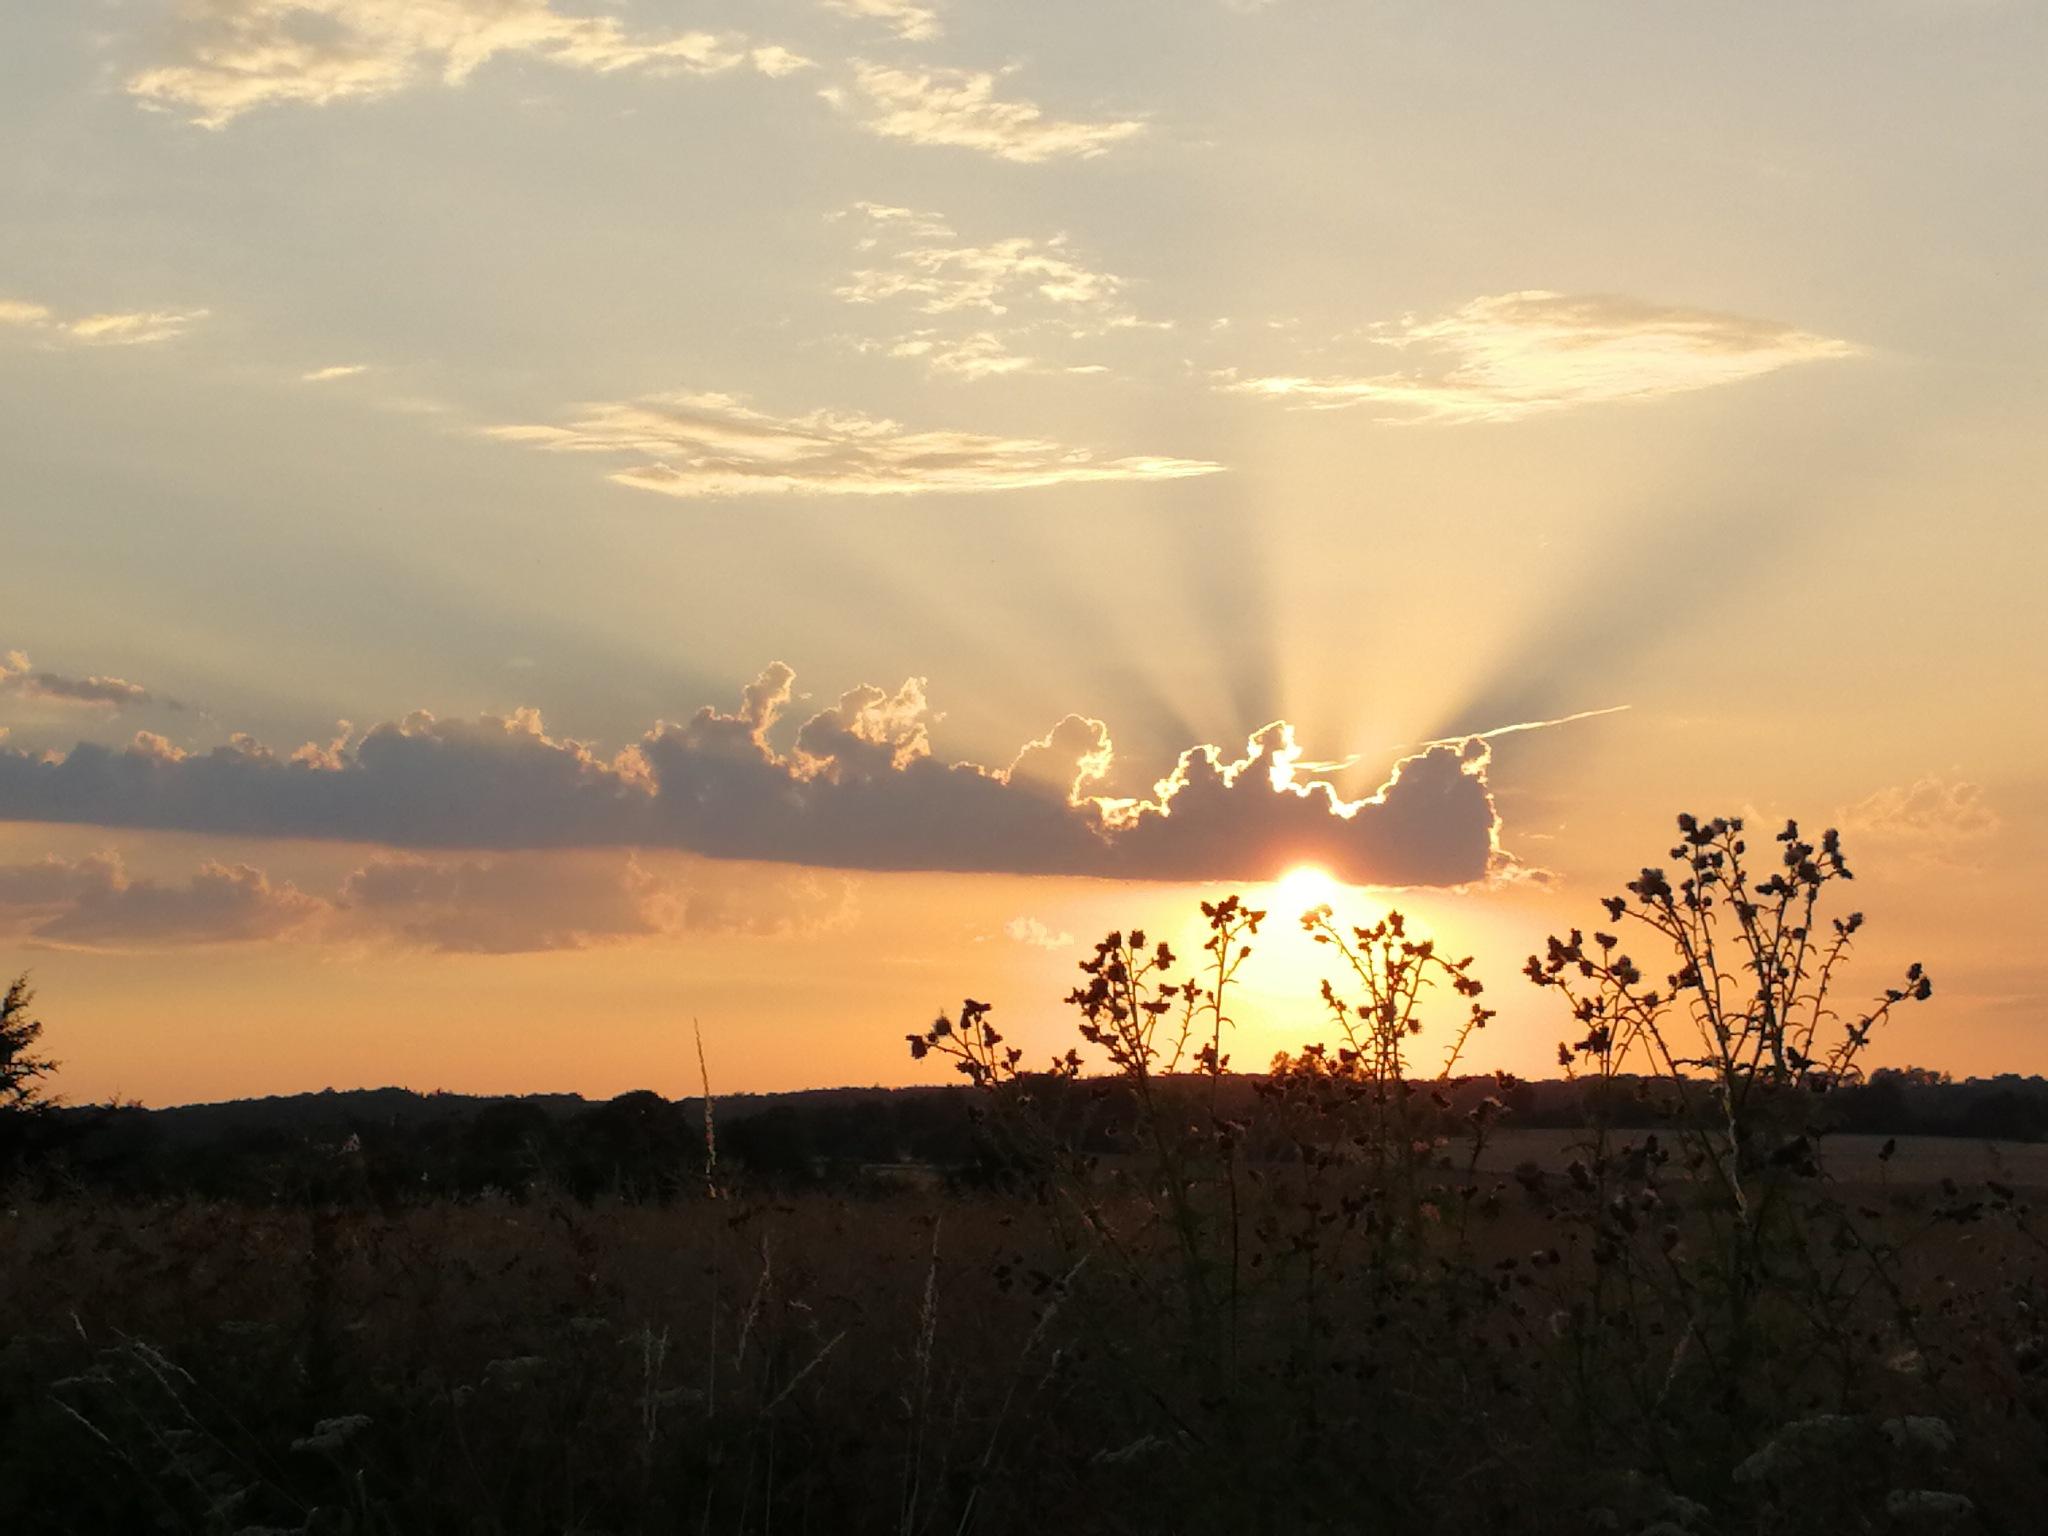 sundown  by karlerik.straarup